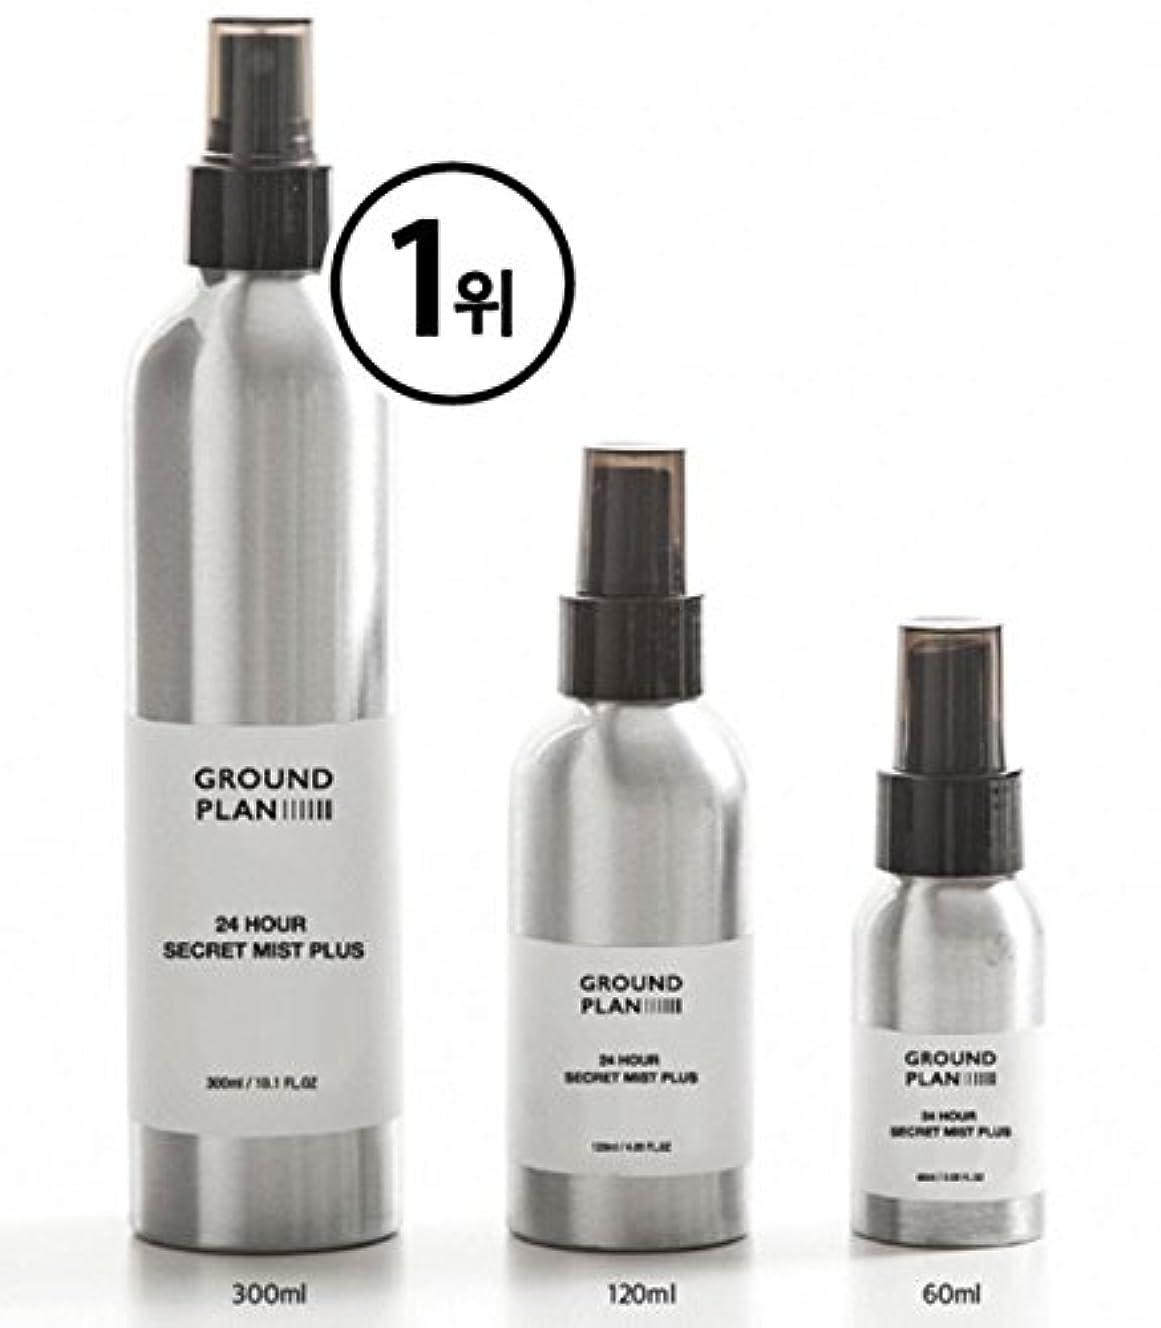 減る言うまでもなく家事[グラウンド?プラン] 24Hour 秘密 スキンミスト Plus (120ml) (300ml) Ground plan 24 Hour Secret Skin Mist Plus [海外直送品] (120ml)